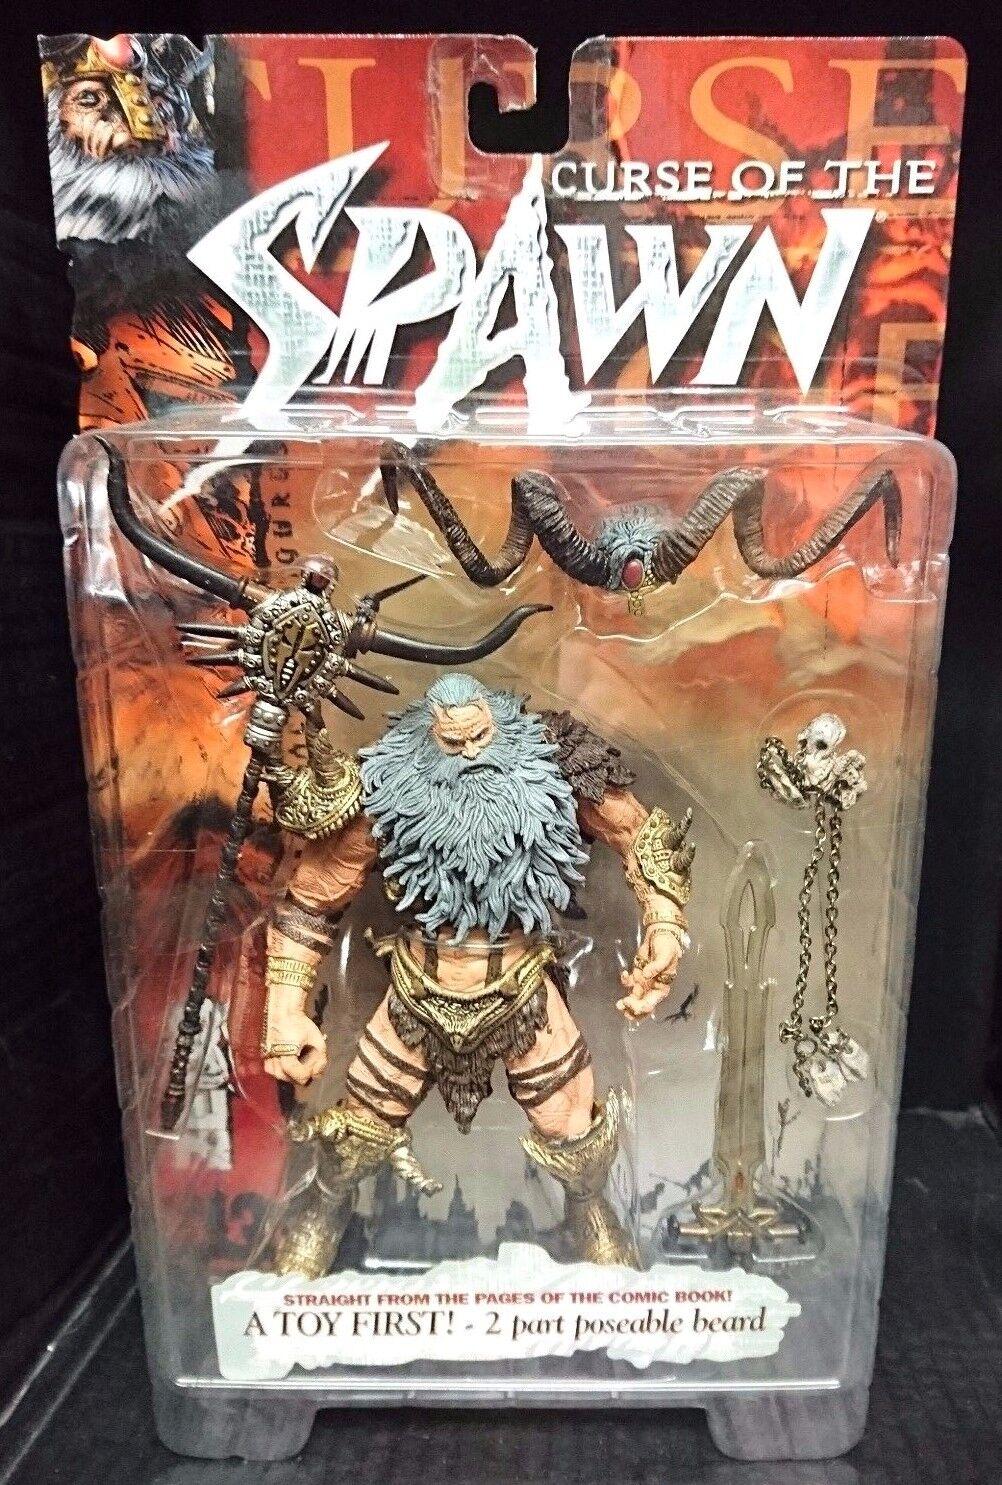 Spawn 13. Curse of the Spawn ZEUS. McFarlane Toys spawn  New  Rare